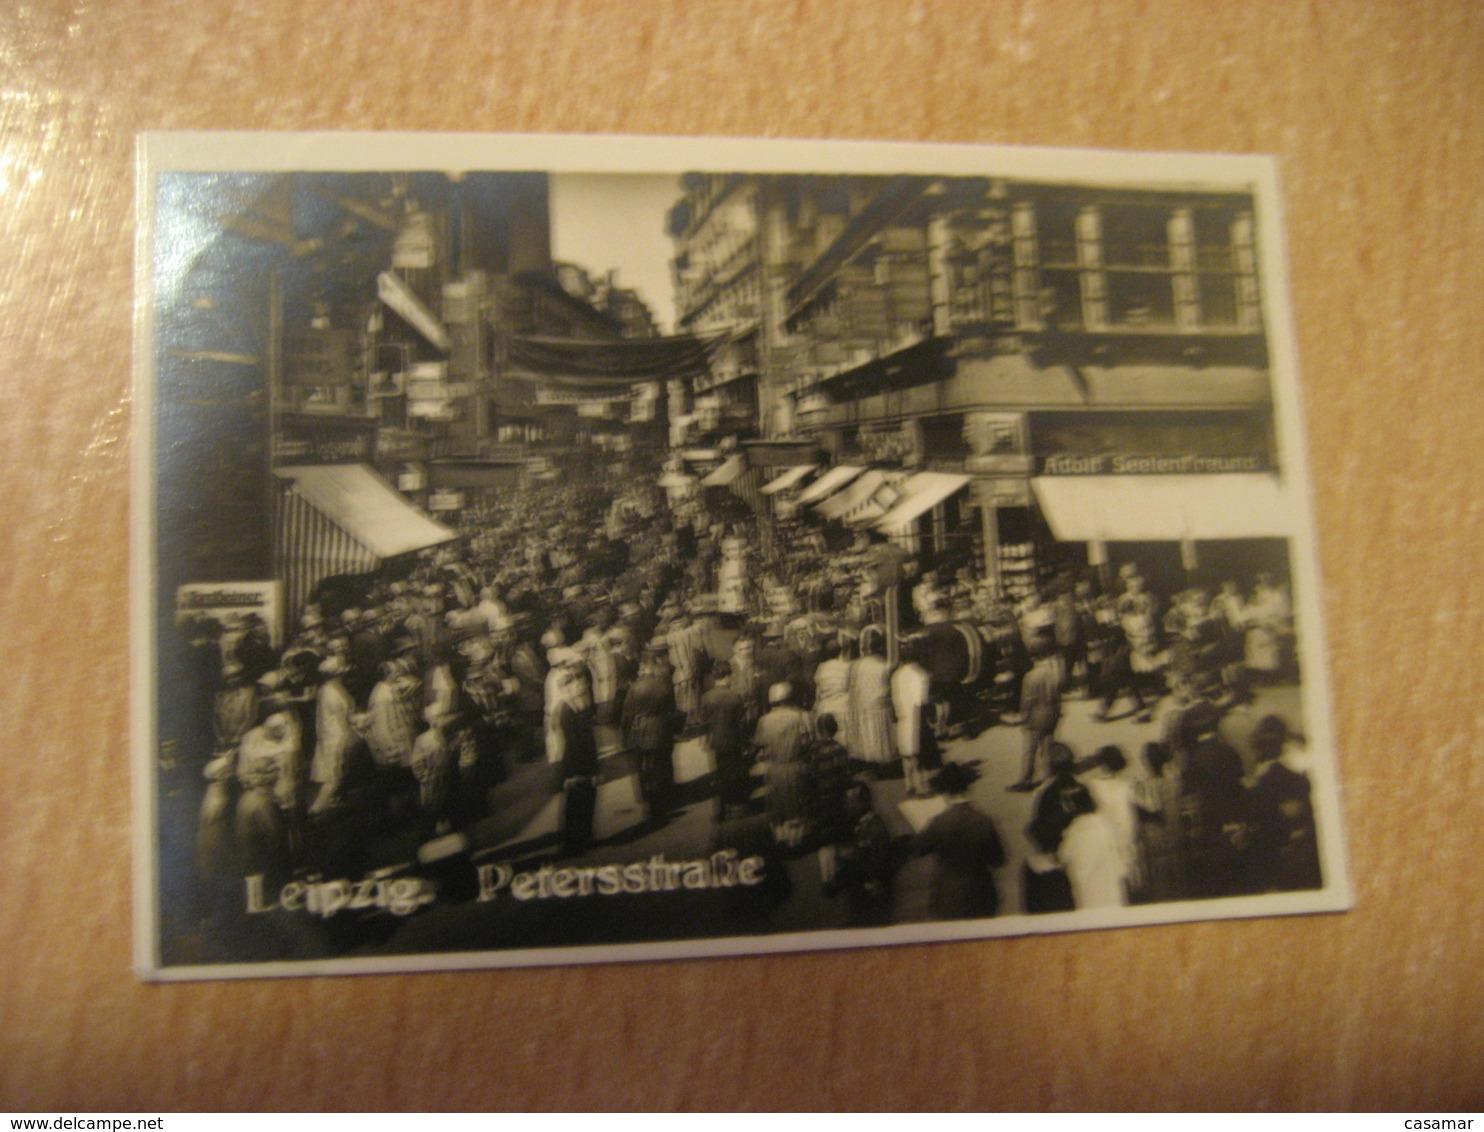 LEIPZIG Petersstrasse Bilder Card Photo Photography (4,3x6,3cm) Tourist Centers GERMANY 30s Tobacco - Deutschland